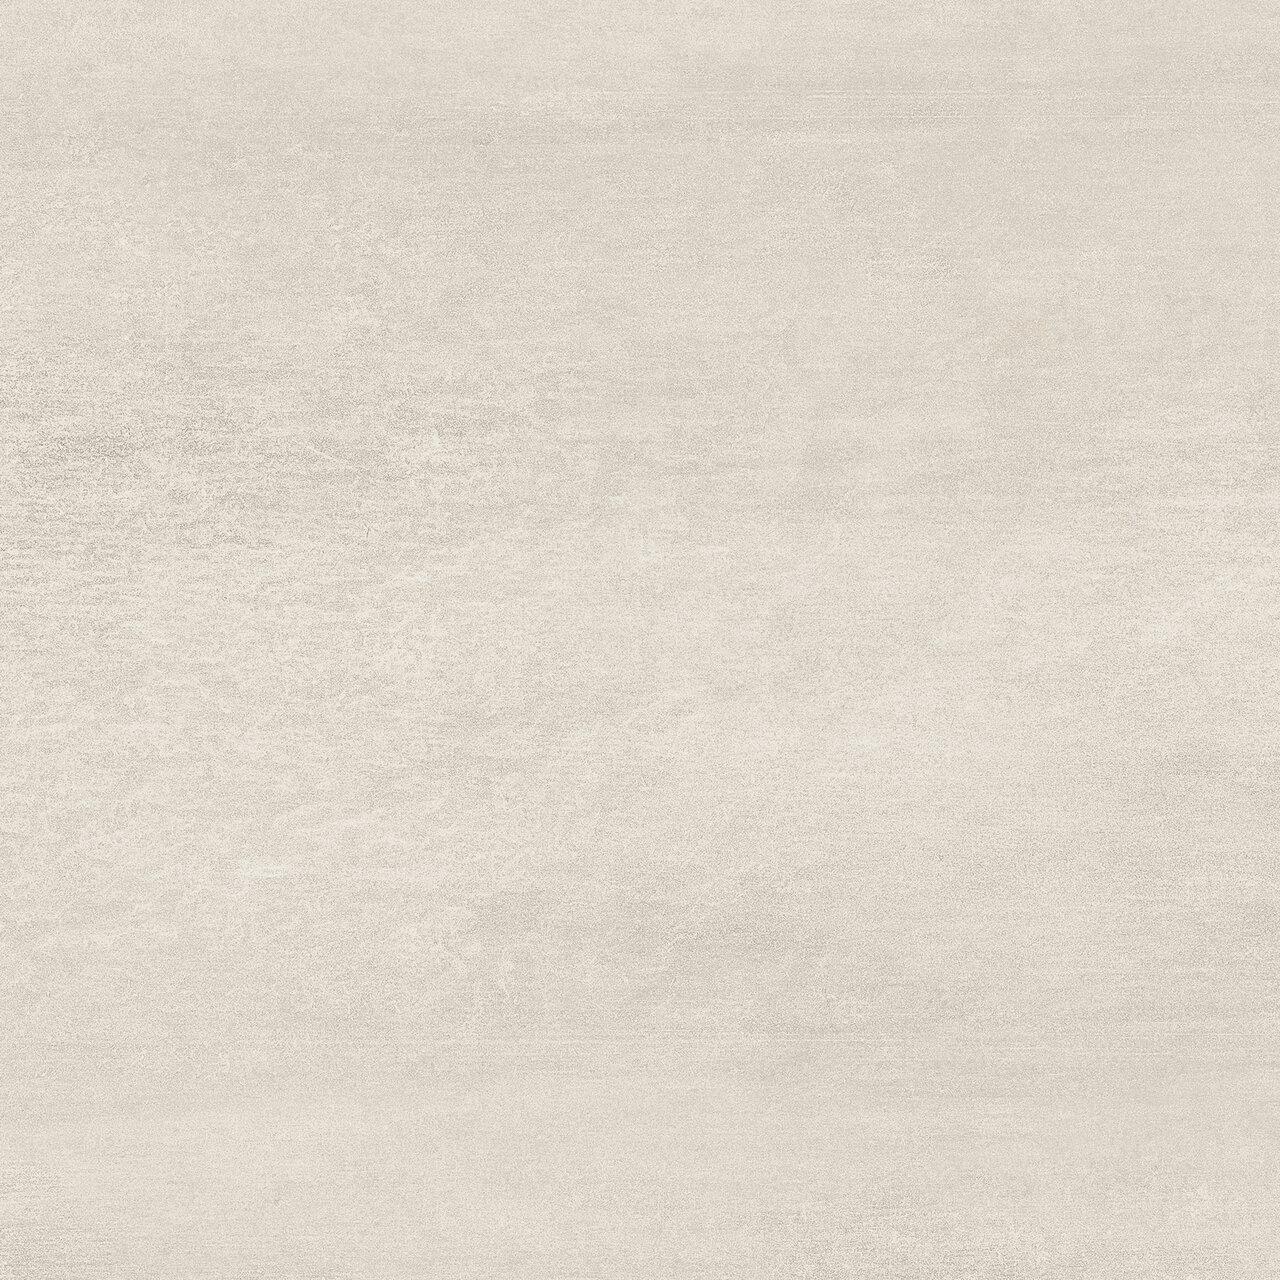 Agrob Buchtal Alcina Boden CREMA 434890 Bodenfliese  30x30 unglasiert